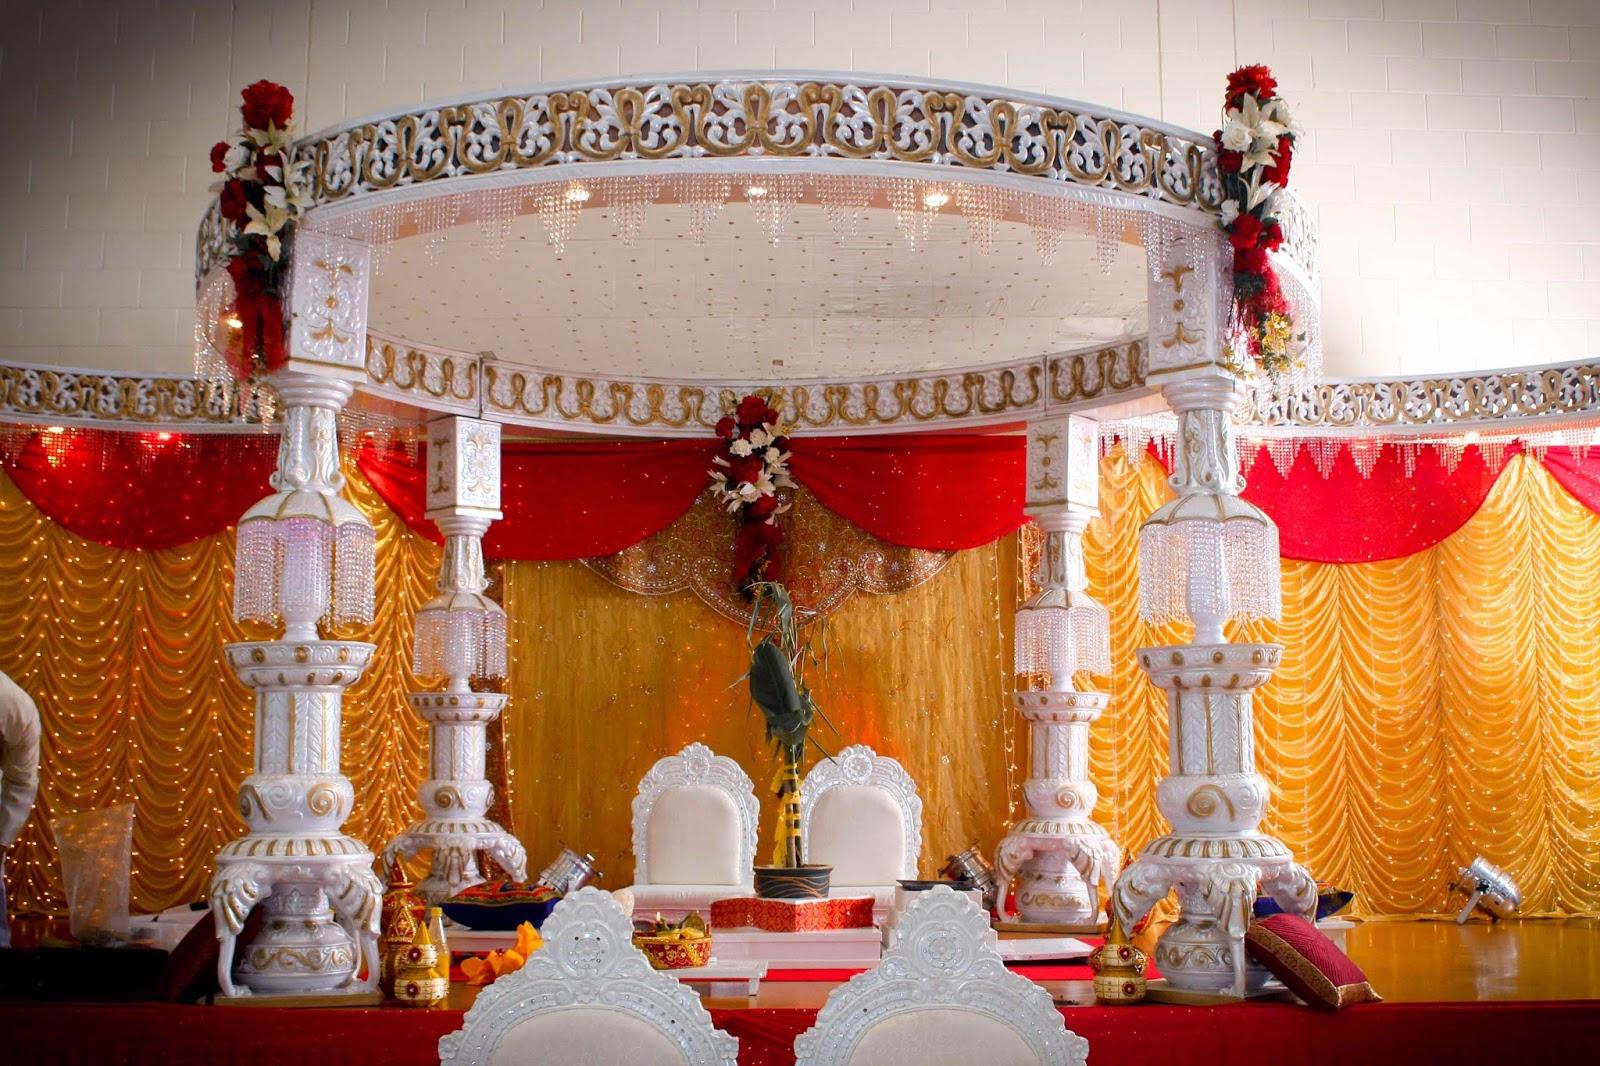 Manavarai decorator in coimbatore manavarai wedfish decors 9944297985 update image not found junglespirit Image collections